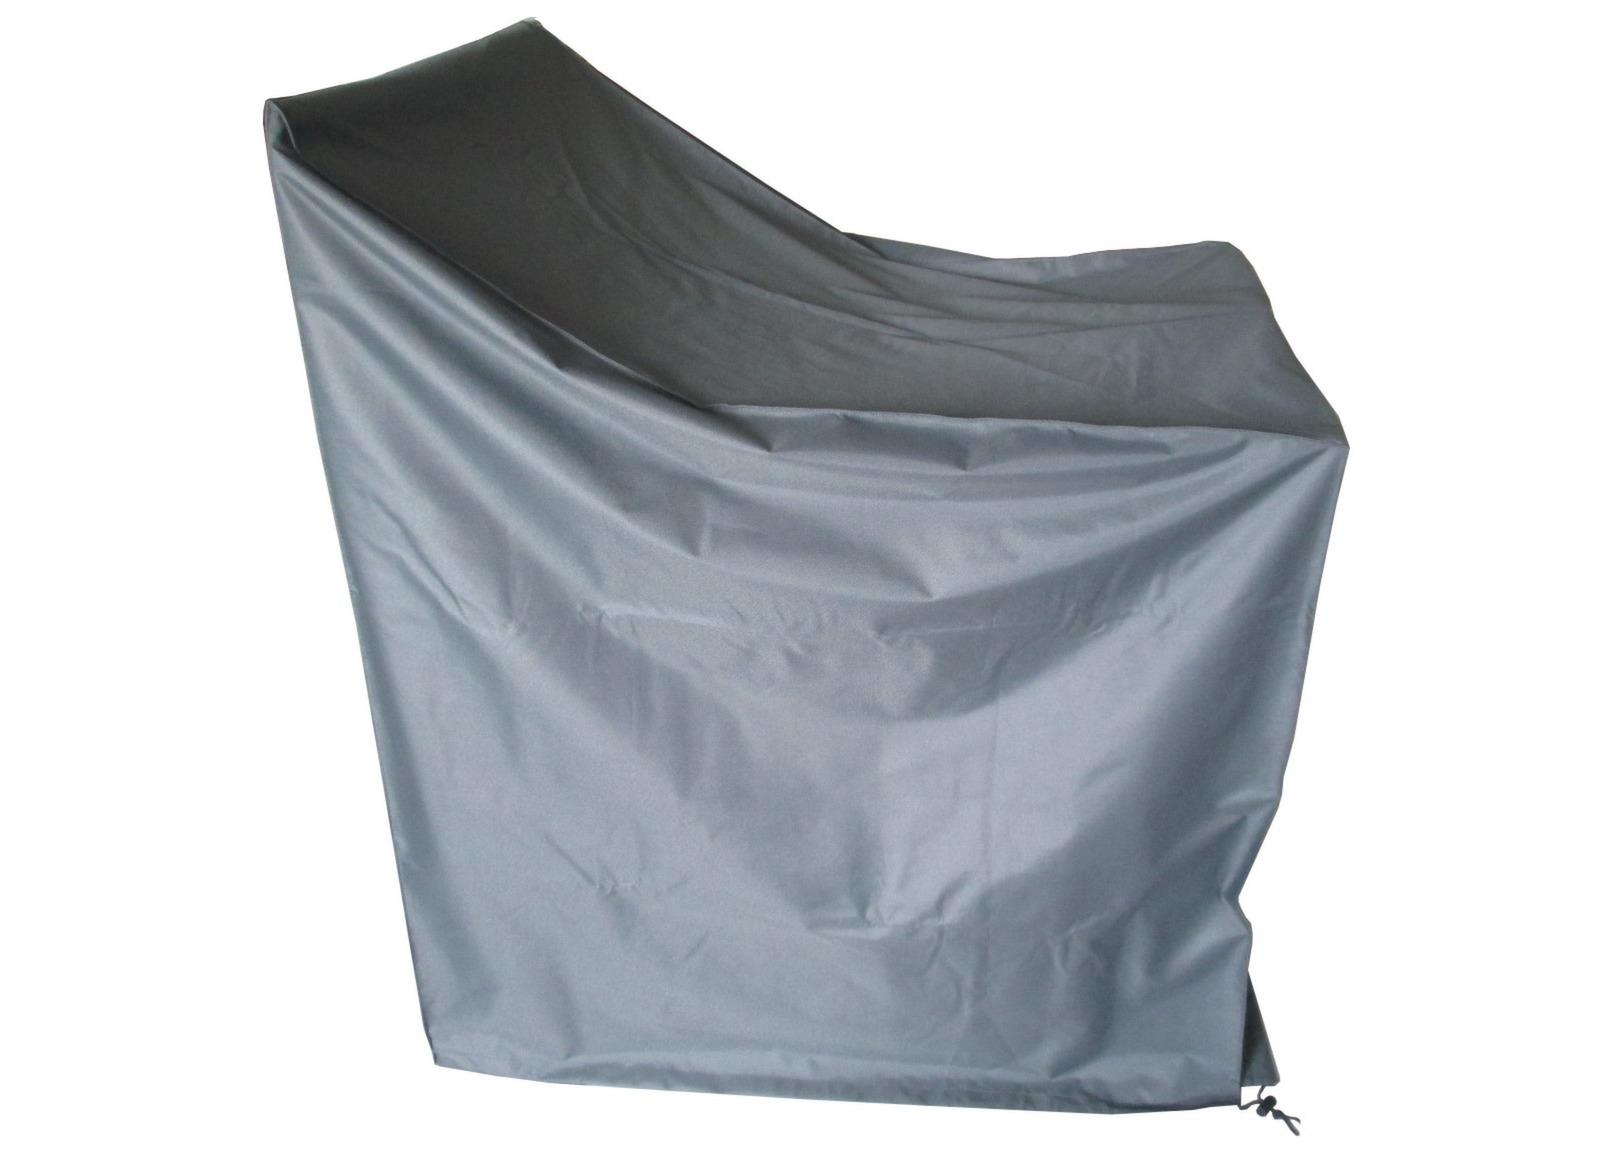 housse pour chaise fauteuil de jardin empilables proloisirs. Black Bedroom Furniture Sets. Home Design Ideas